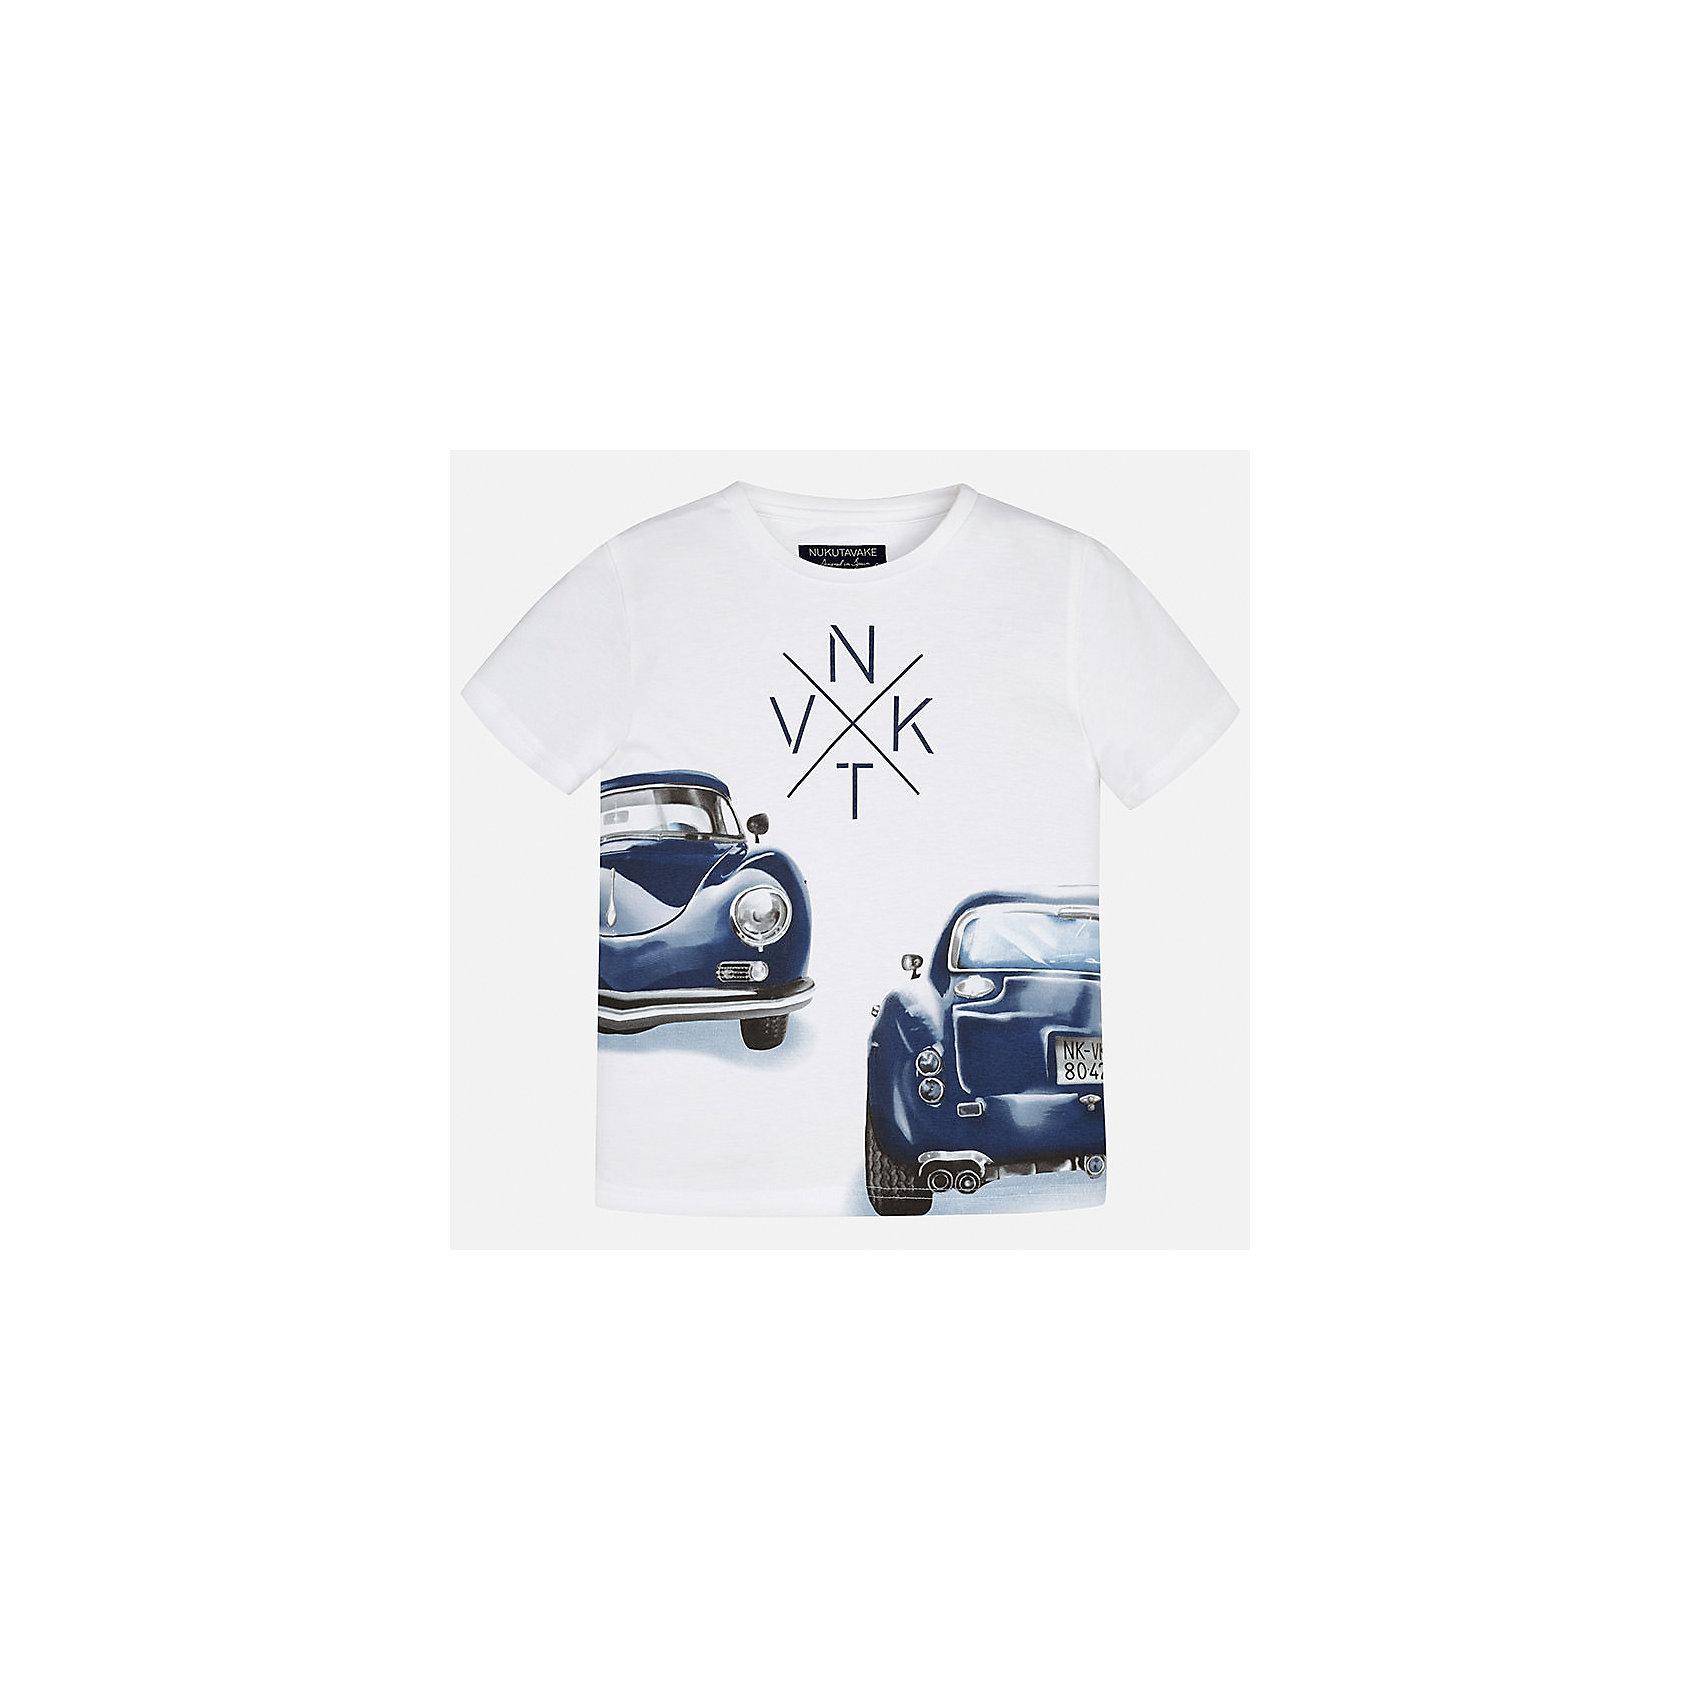 Футболка для мальчика MayoralФутболки, поло и топы<br>Характеристики товара:<br><br>• цвет: белый<br>• состав: 100% хлопок<br>• круглый горловой вырез<br>• декорирована принтом<br>• короткие рукава<br>• мягкая отделка горловины<br>• страна бренда: Испания<br><br>Стильная удобная футболка с принтом поможет разнообразить гардероб мальчика. Она отлично сочетается с брюками, шортами, джинсами. Универсальный крой и цвет позволяет подобрать к вещи низ разных расцветок. Практичное и стильное изделие! Хорошо смотрится и комфортно сидит на детях. В составе материала - только натуральный хлопок, гипоаллергенный, приятный на ощупь, дышащий. <br><br>Одежда, обувь и аксессуары от испанского бренда Mayoral полюбились детям и взрослым по всему миру. Модели этой марки - стильные и удобные. Для их производства используются только безопасные, качественные материалы и фурнитура. Порадуйте ребенка модными и красивыми вещами от Mayoral! <br><br>Футболку для мальчика от испанского бренда Mayoral (Майорал) можно купить в нашем интернет-магазине.<br><br>Ширина мм: 199<br>Глубина мм: 10<br>Высота мм: 161<br>Вес г: 151<br>Цвет: белый<br>Возраст от месяцев: 84<br>Возраст до месяцев: 96<br>Пол: Мужской<br>Возраст: Детский<br>Размер: 128/134,170,164,158,152,140<br>SKU: 5281251